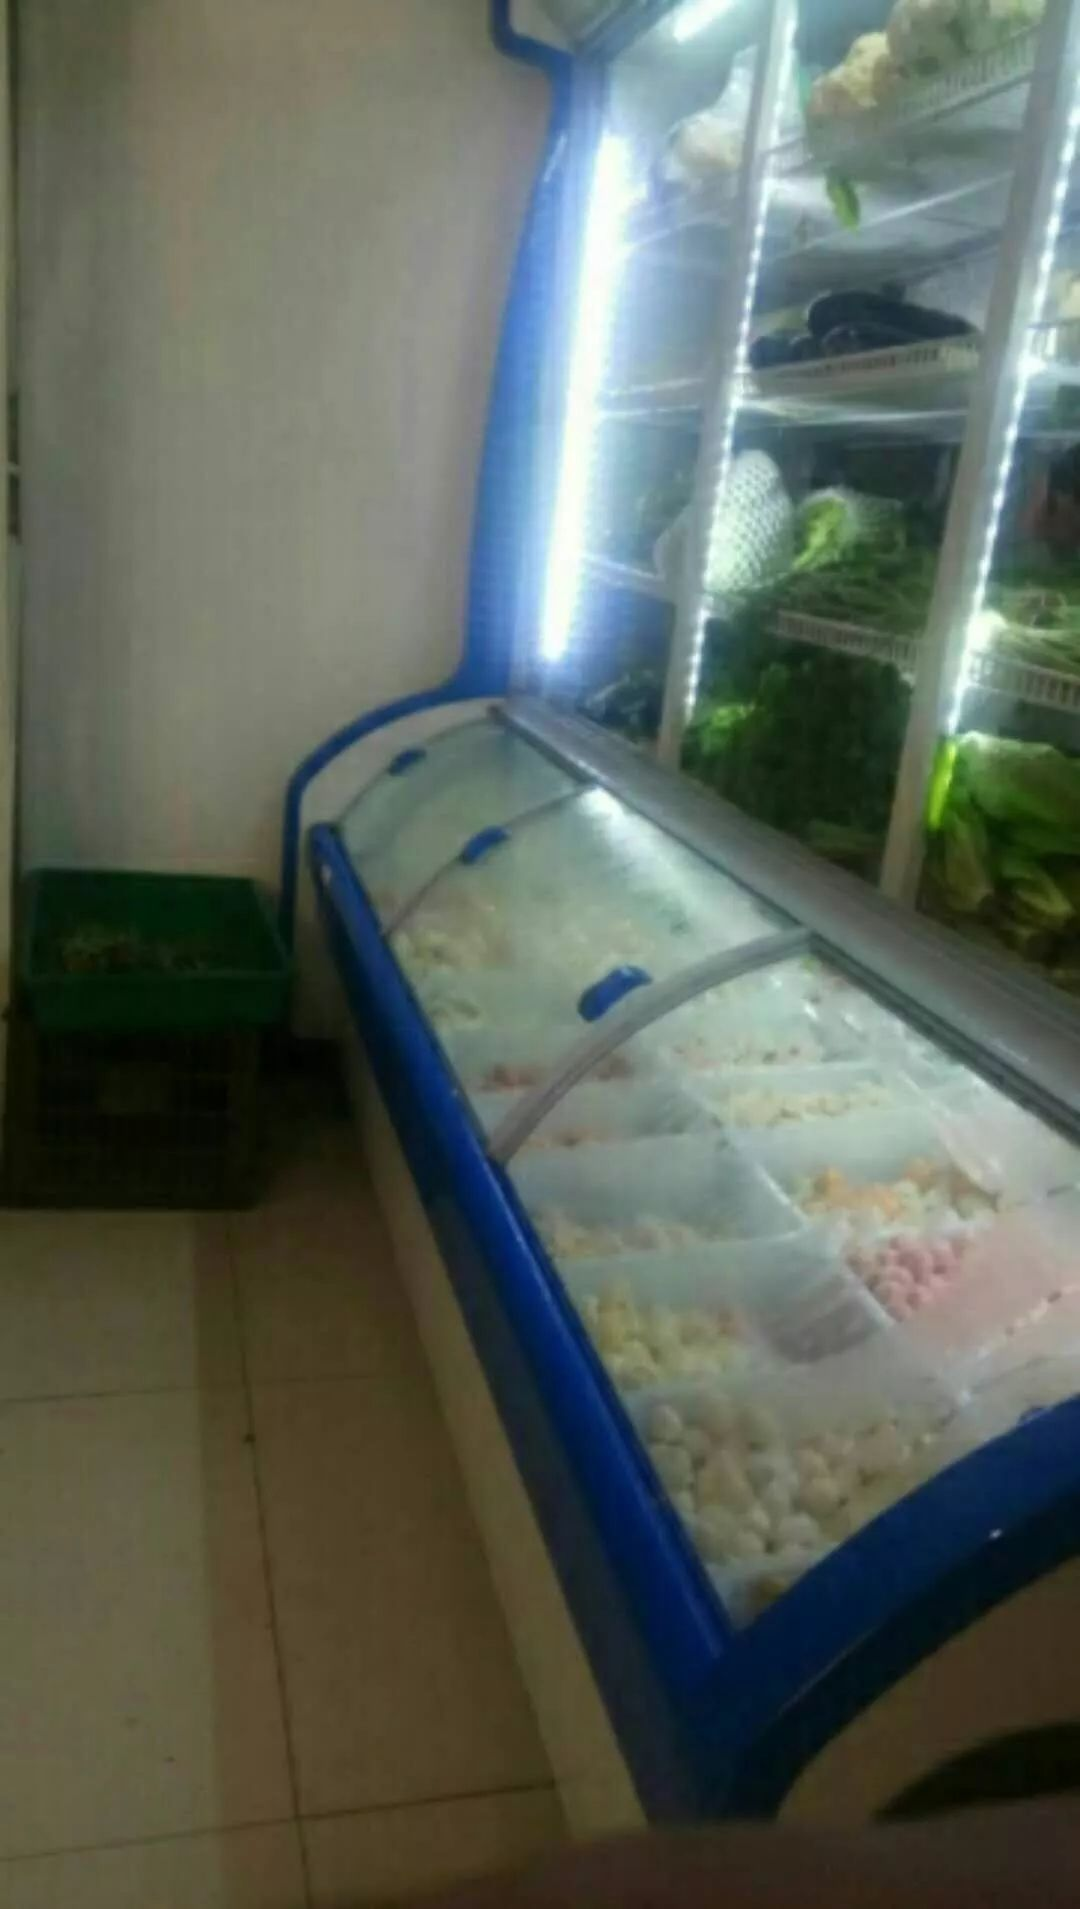 (同城)定州明月豪园南门商业街营业中水果蔬菜店转租